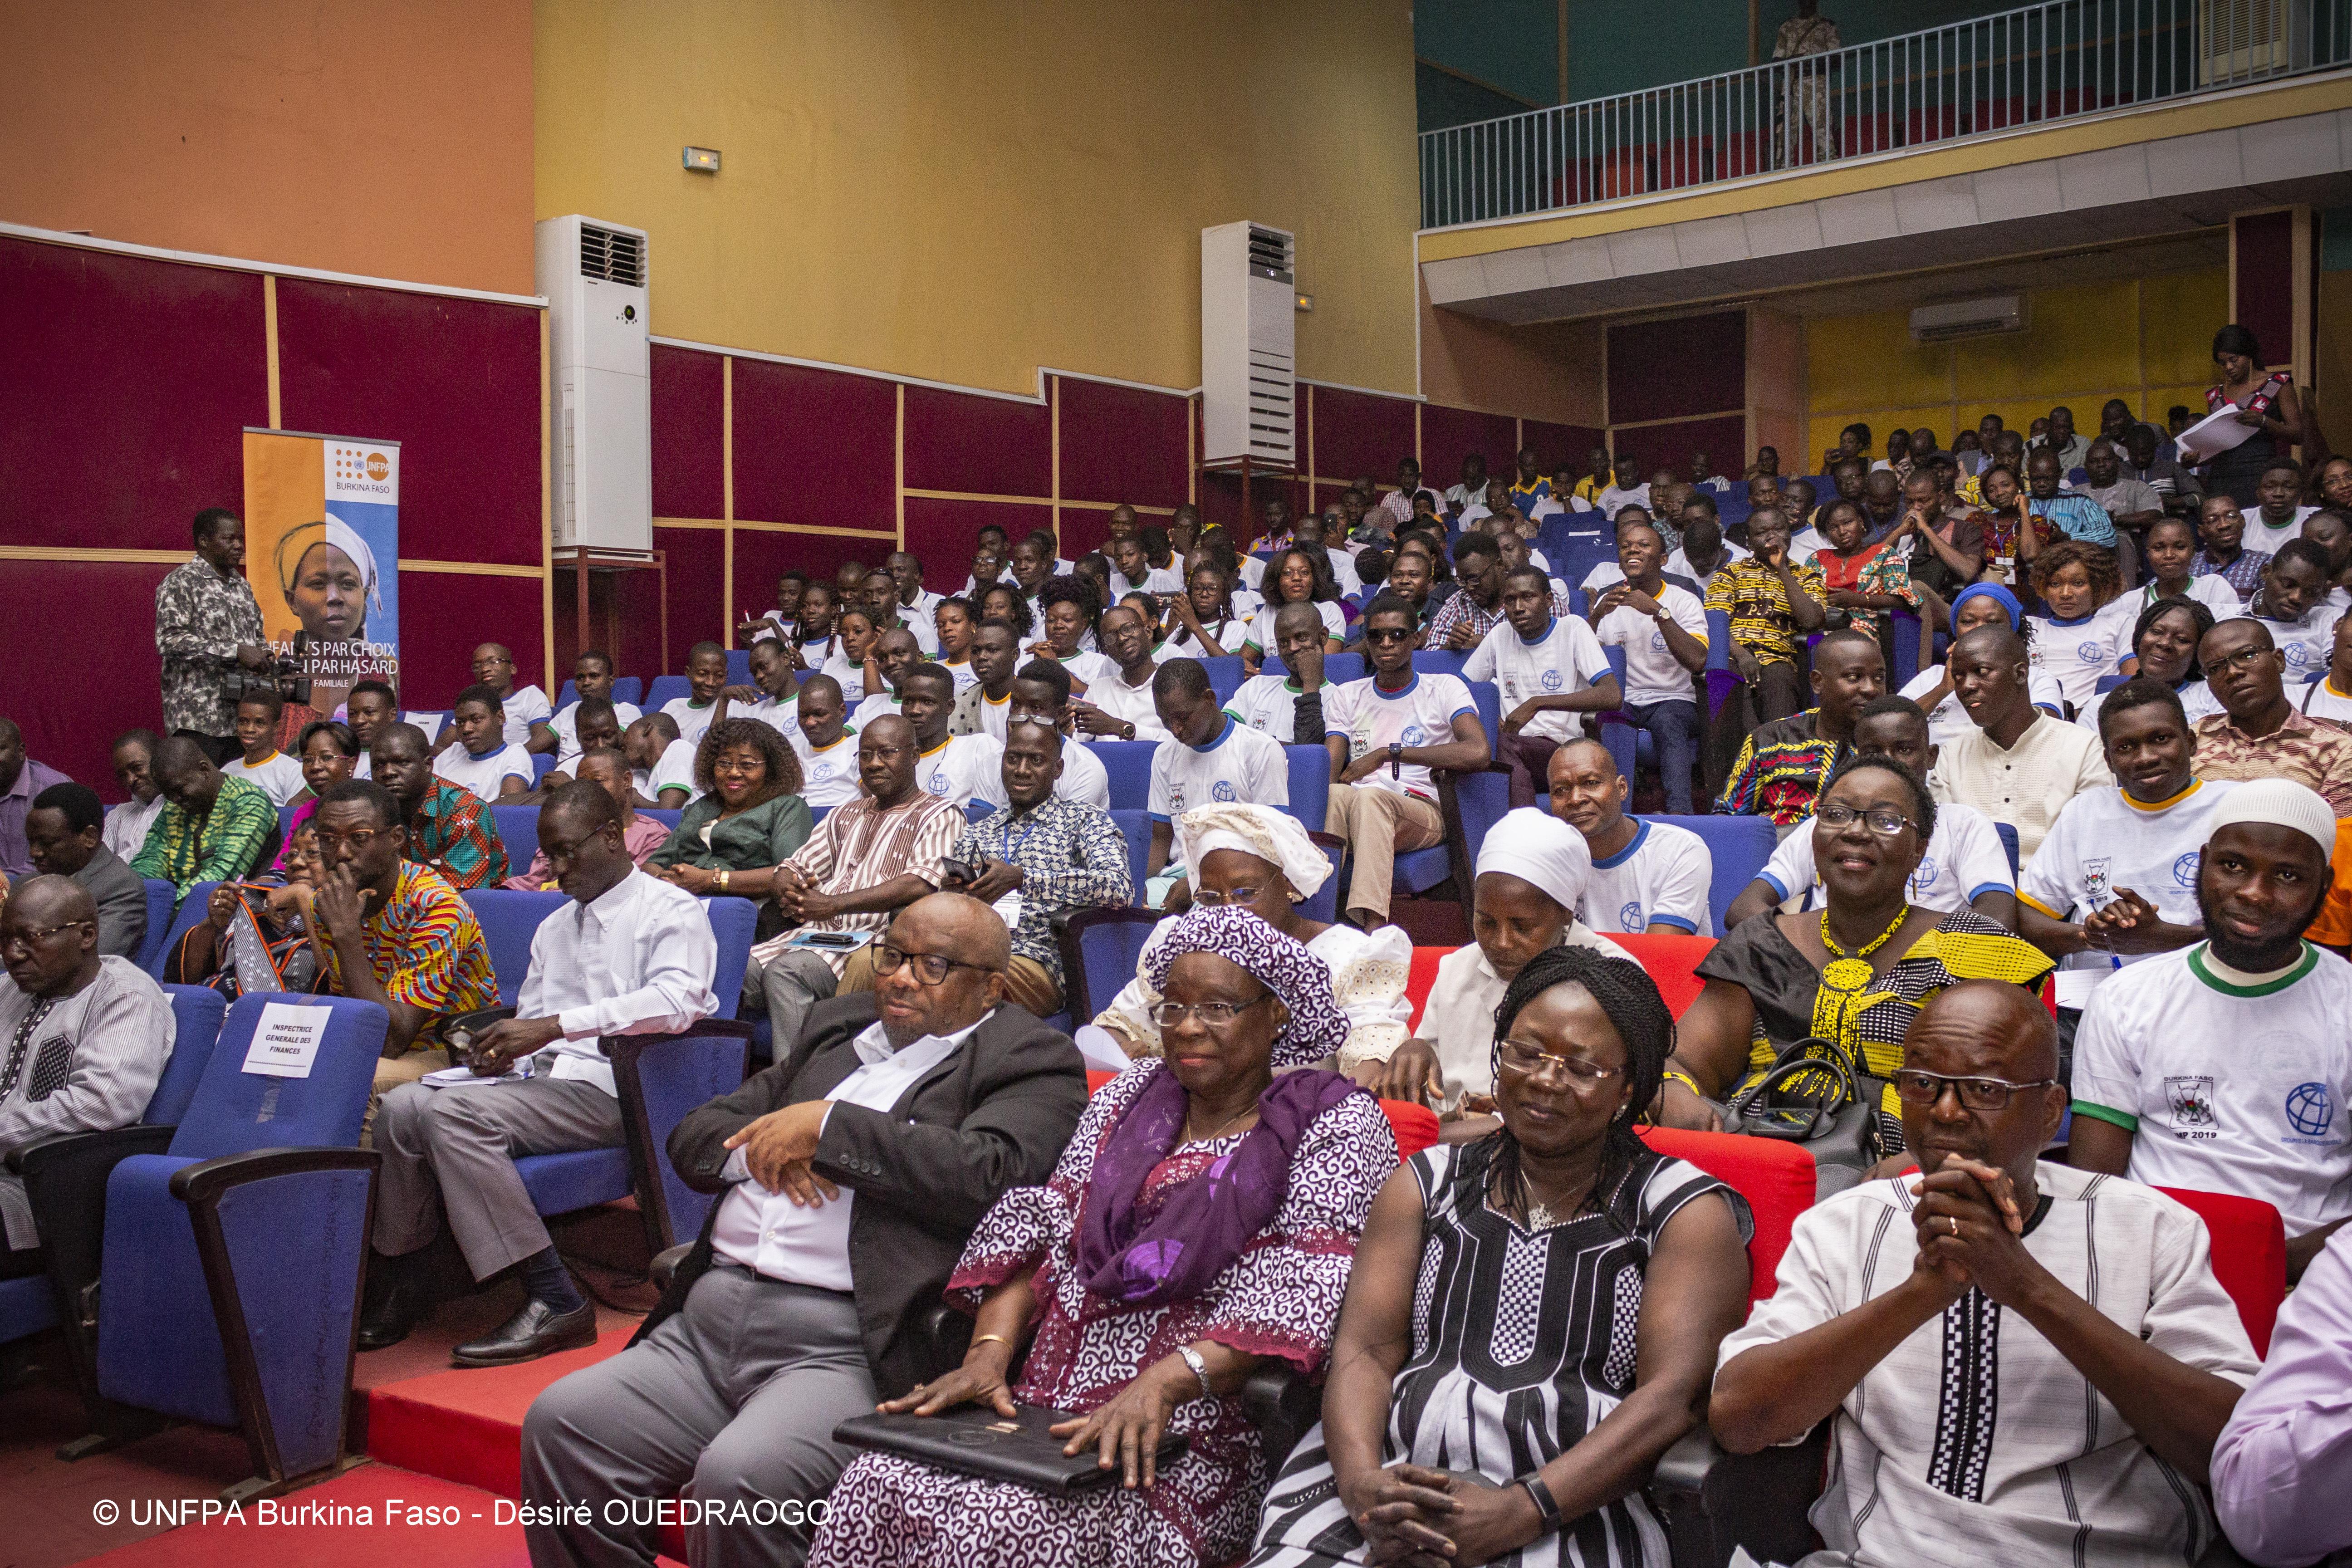 une forte mobilisation surtout des jeunes et des acteurs du développement